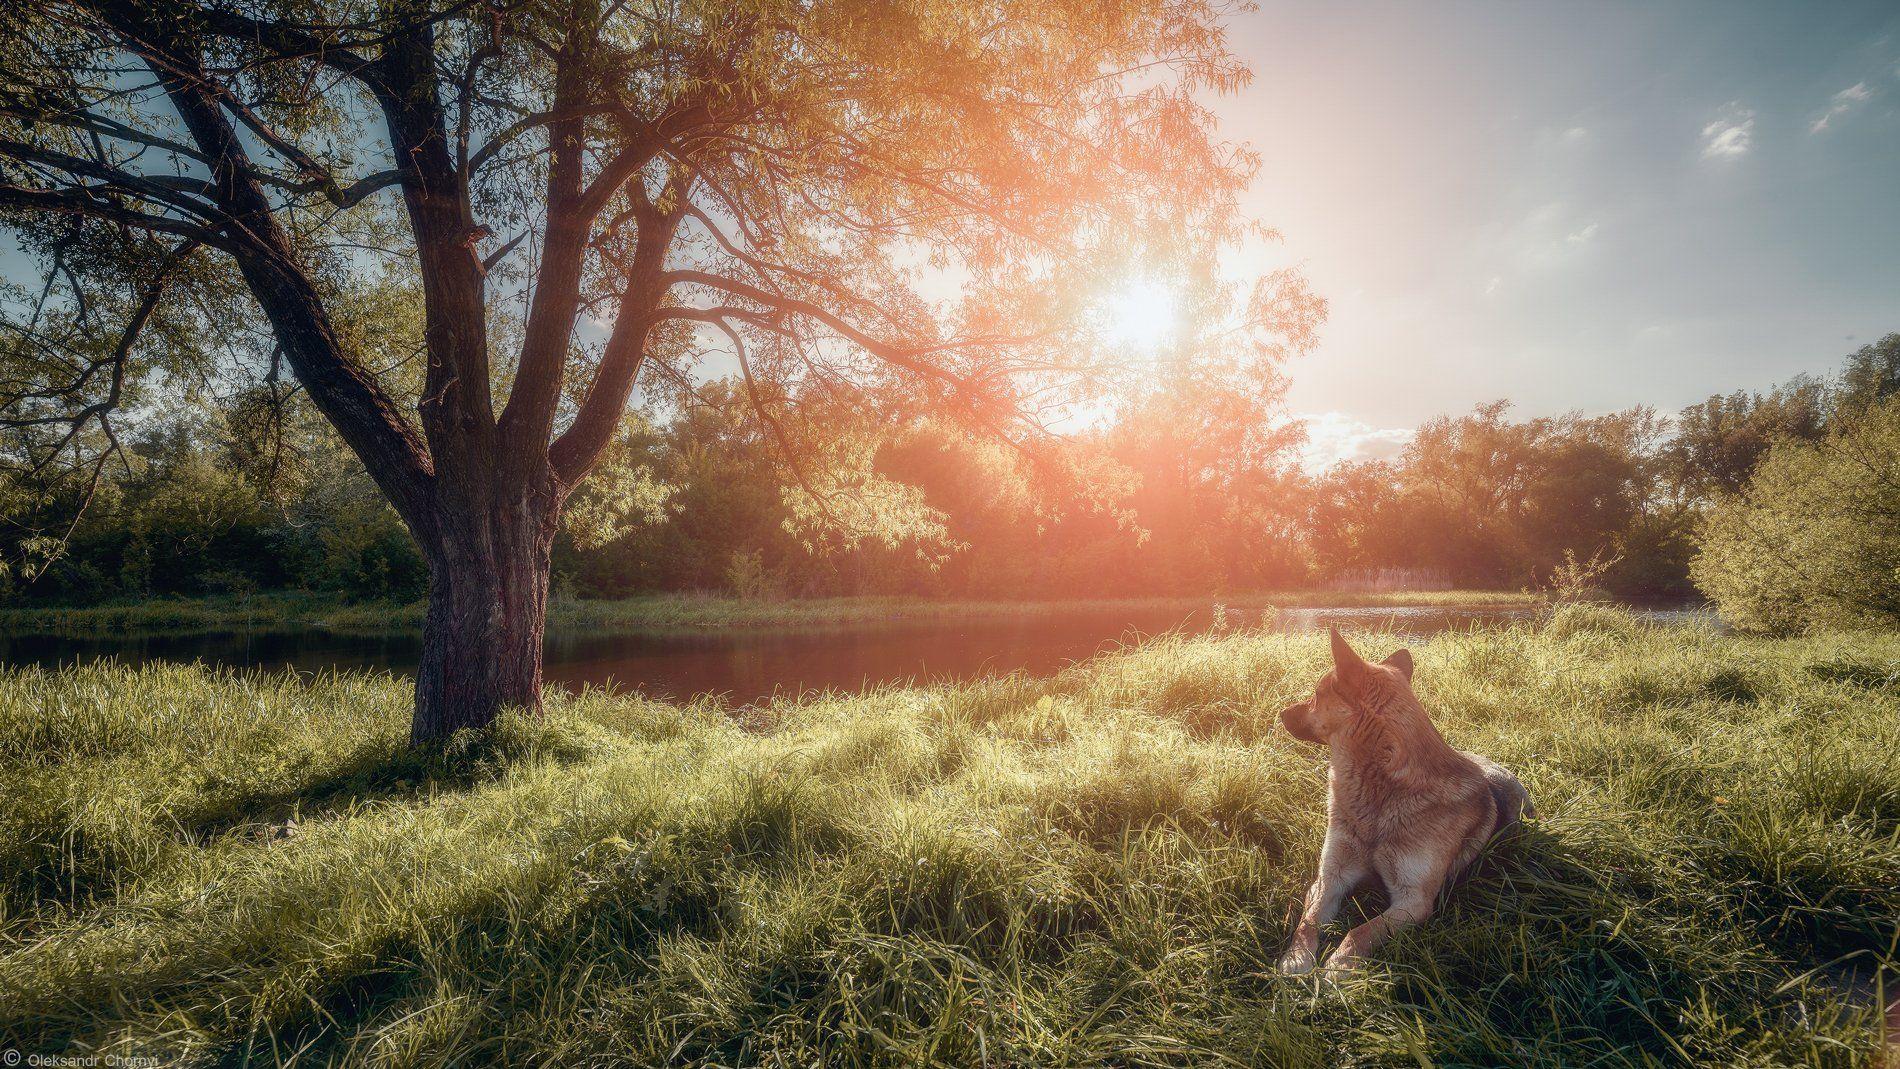 украина, коростышев, природа, полесье, озеро, тишина, уединение, счастье, жизнь, собака, созерцание, сказка, солнце, тепло, счастье, вдохновение,  жизнь, фотограф, чорный,, Александр Чорный